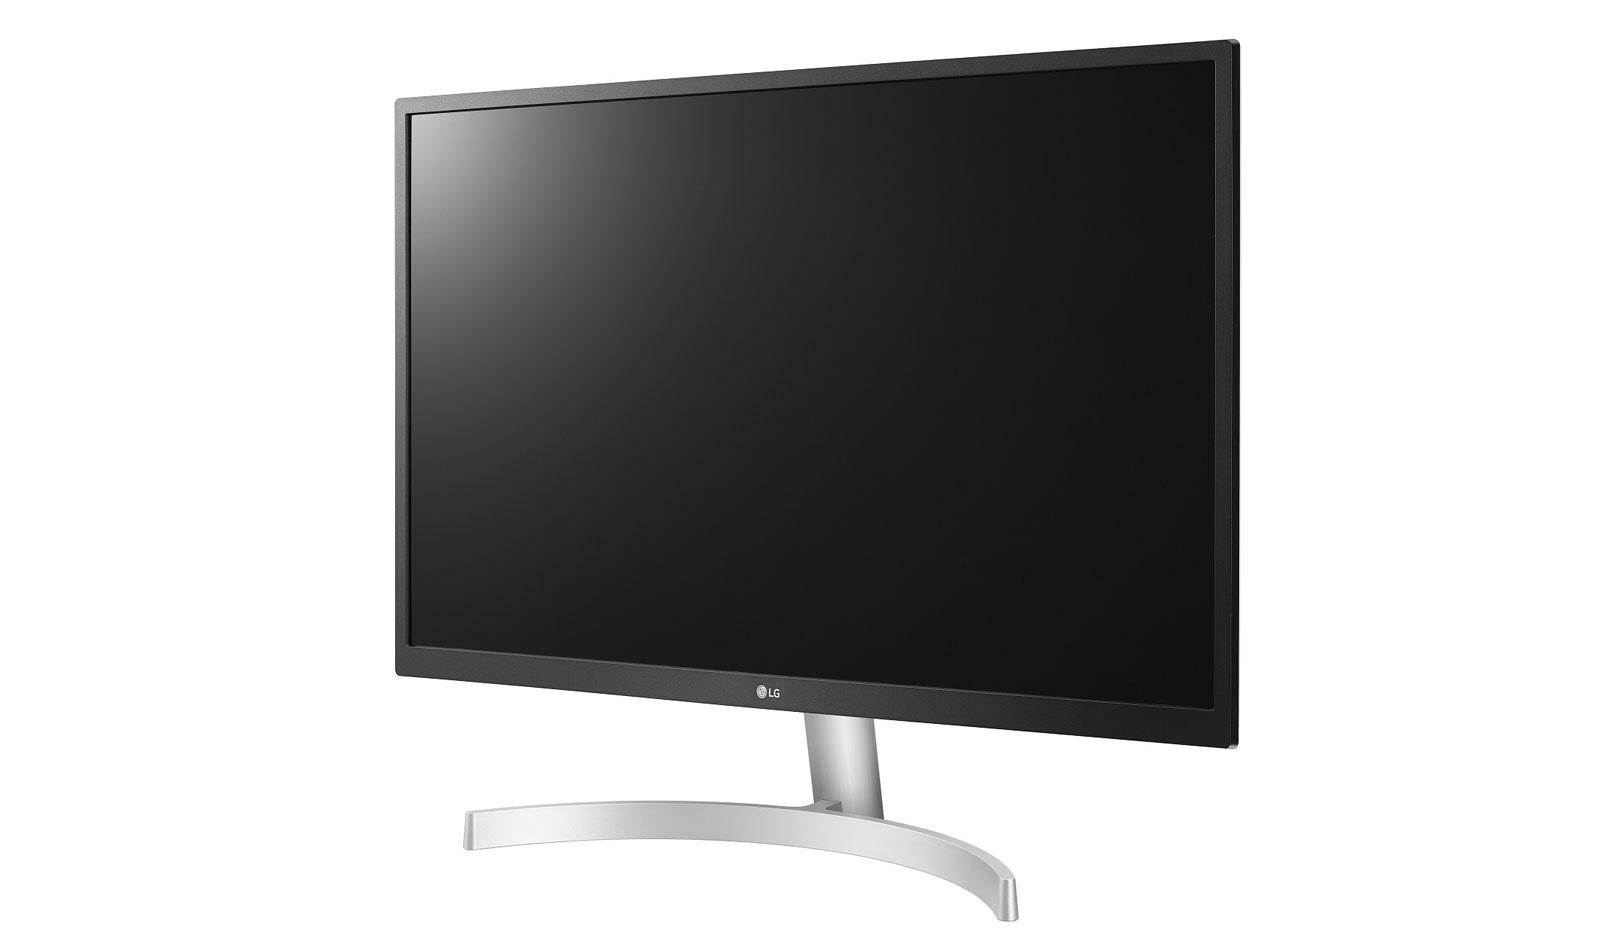 מסך מחשב 27 אינטש 4K מקצועי LG 27UL500-W אל ג'י - תמונה 4